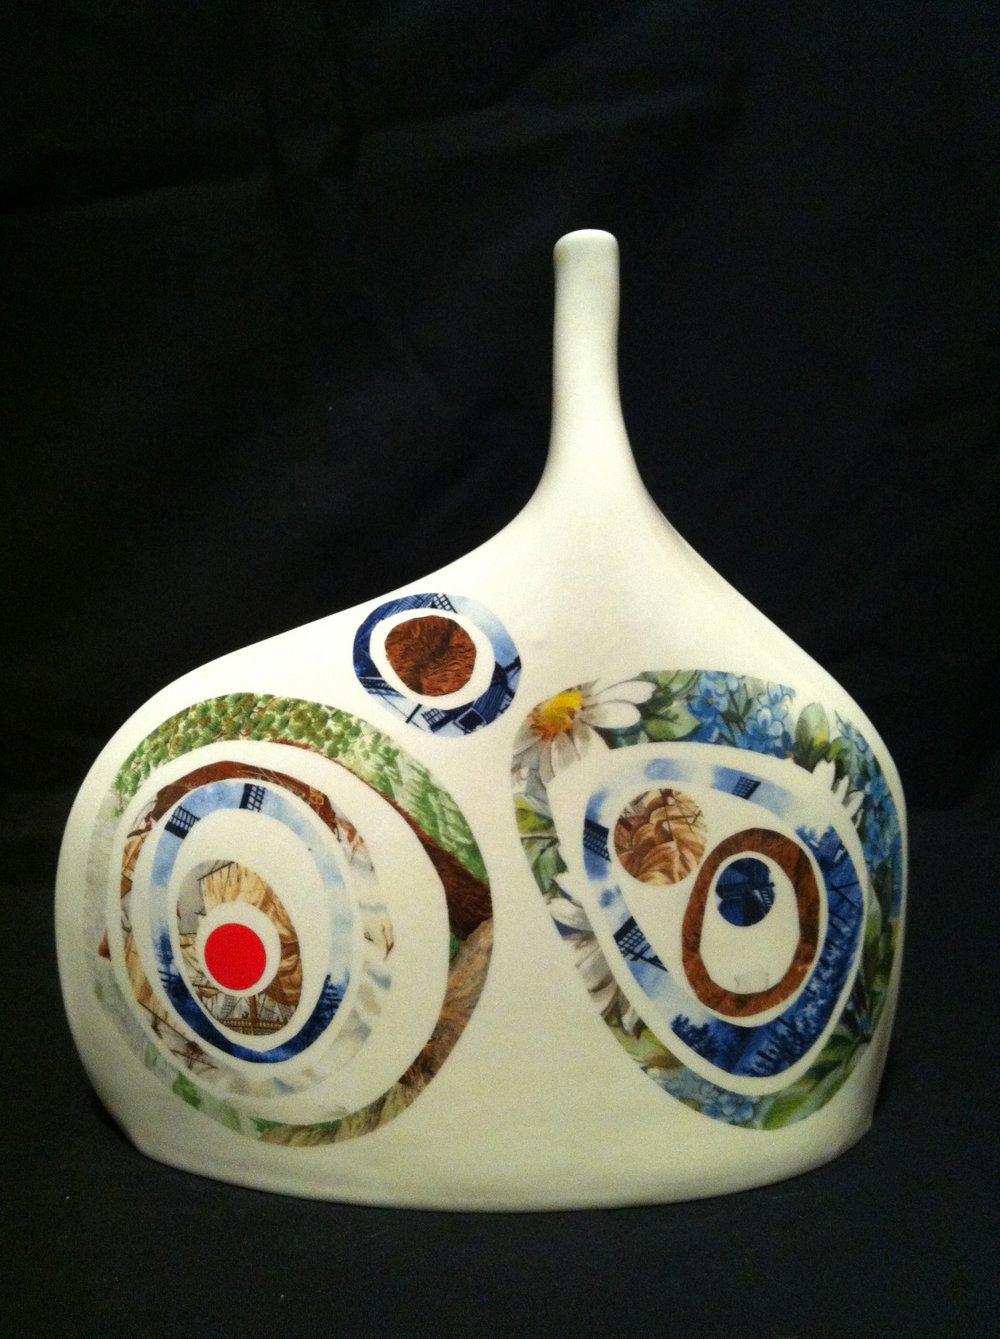 Aslin-Hummel | Untitled Vessel 2 | organic earthenware